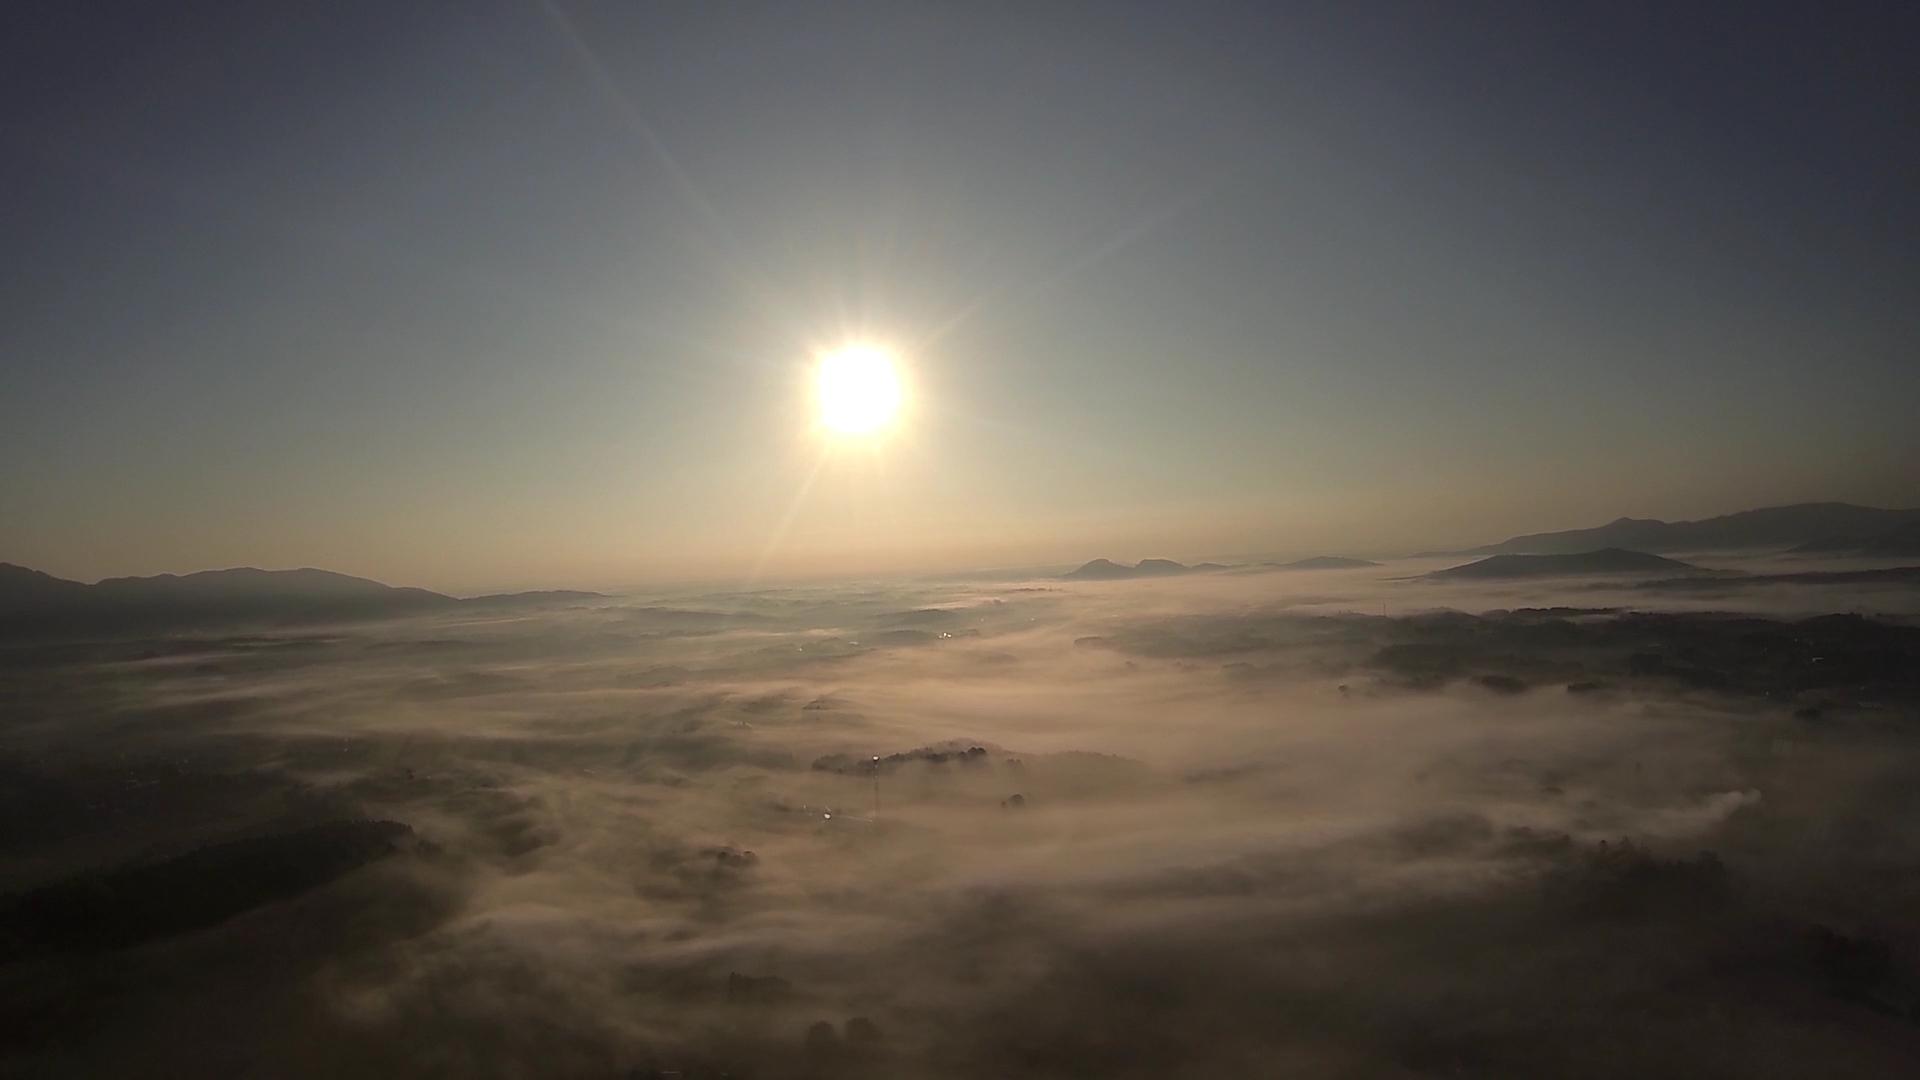 ハンググライダー日本代表選手・鈴木由路が語る 空の魅力 vol7 【感動の階段】section3